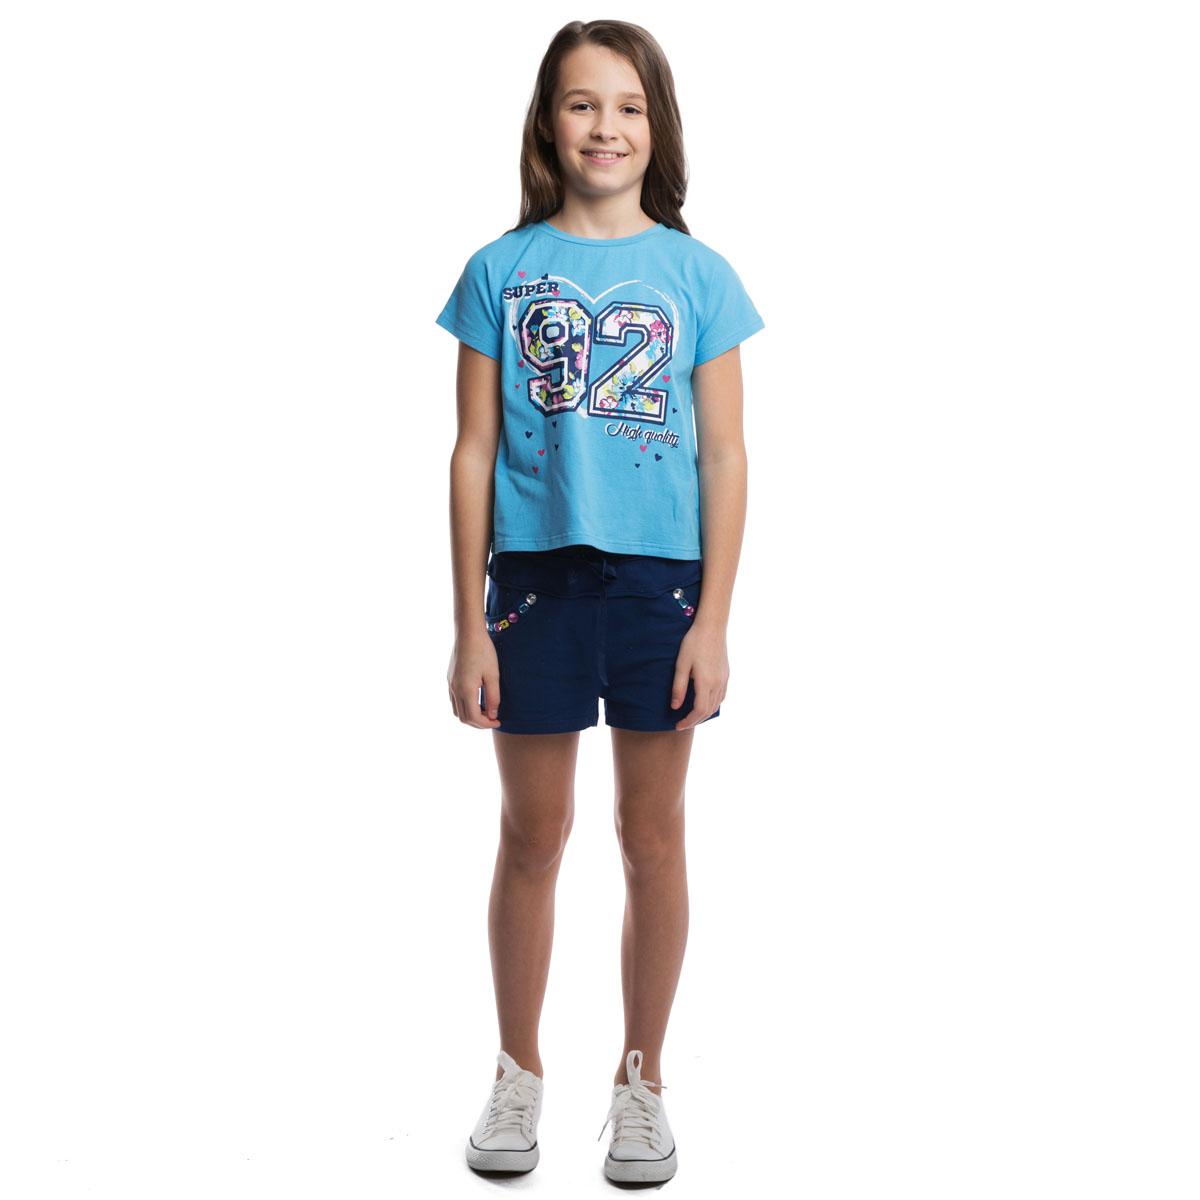 Шорты264020Мягкие хлопковые шорты сочетаются с любыми футболками и туниками. Спереди имеются два втачных кармана, украшенных крупными стразами в основных цветах коллекции: фуксия, бирюзовый, лимонно-лаймовый. Широкий пояс на резинке дополнительно регулируется шнурком.